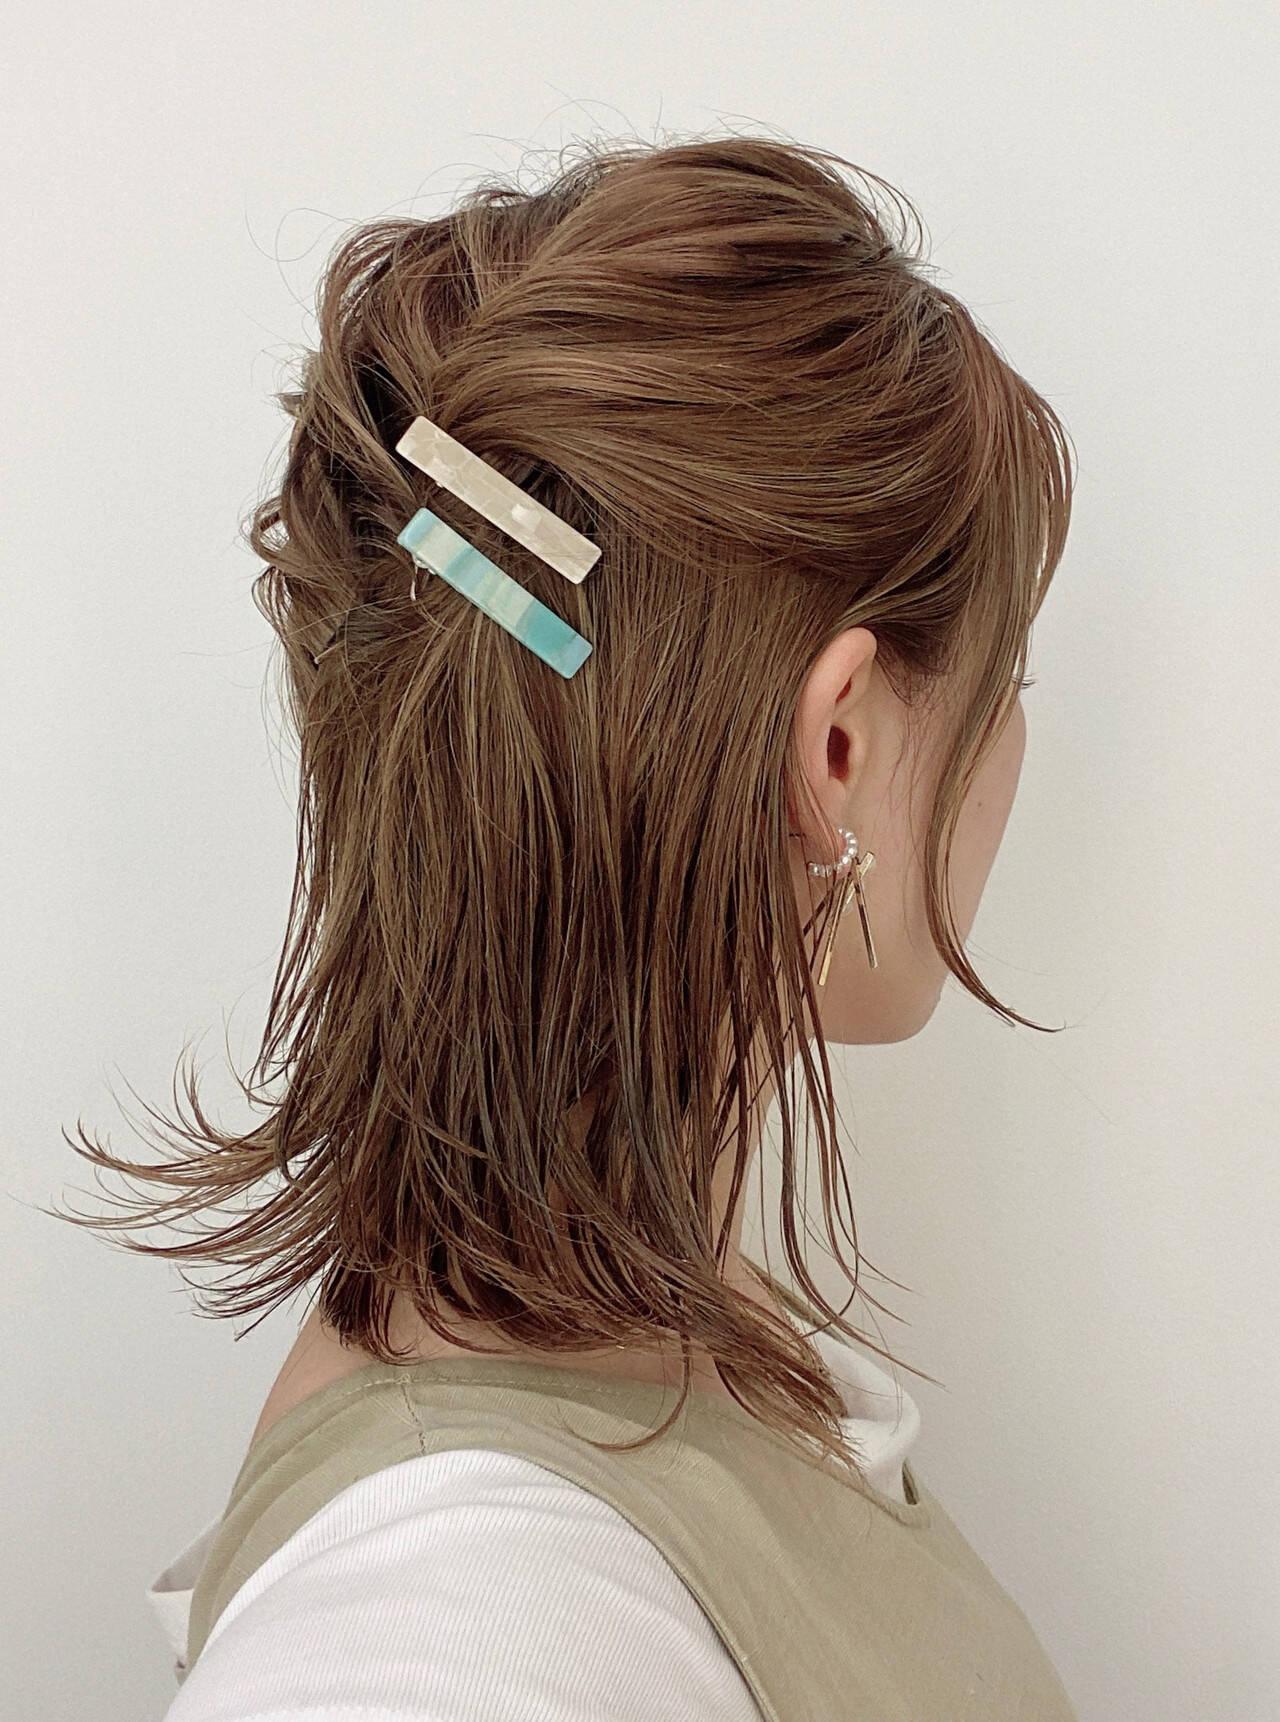 ハーフアップ ナチュラル セルフヘアアレンジ ヘアアレンジヘアスタイルや髪型の写真・画像